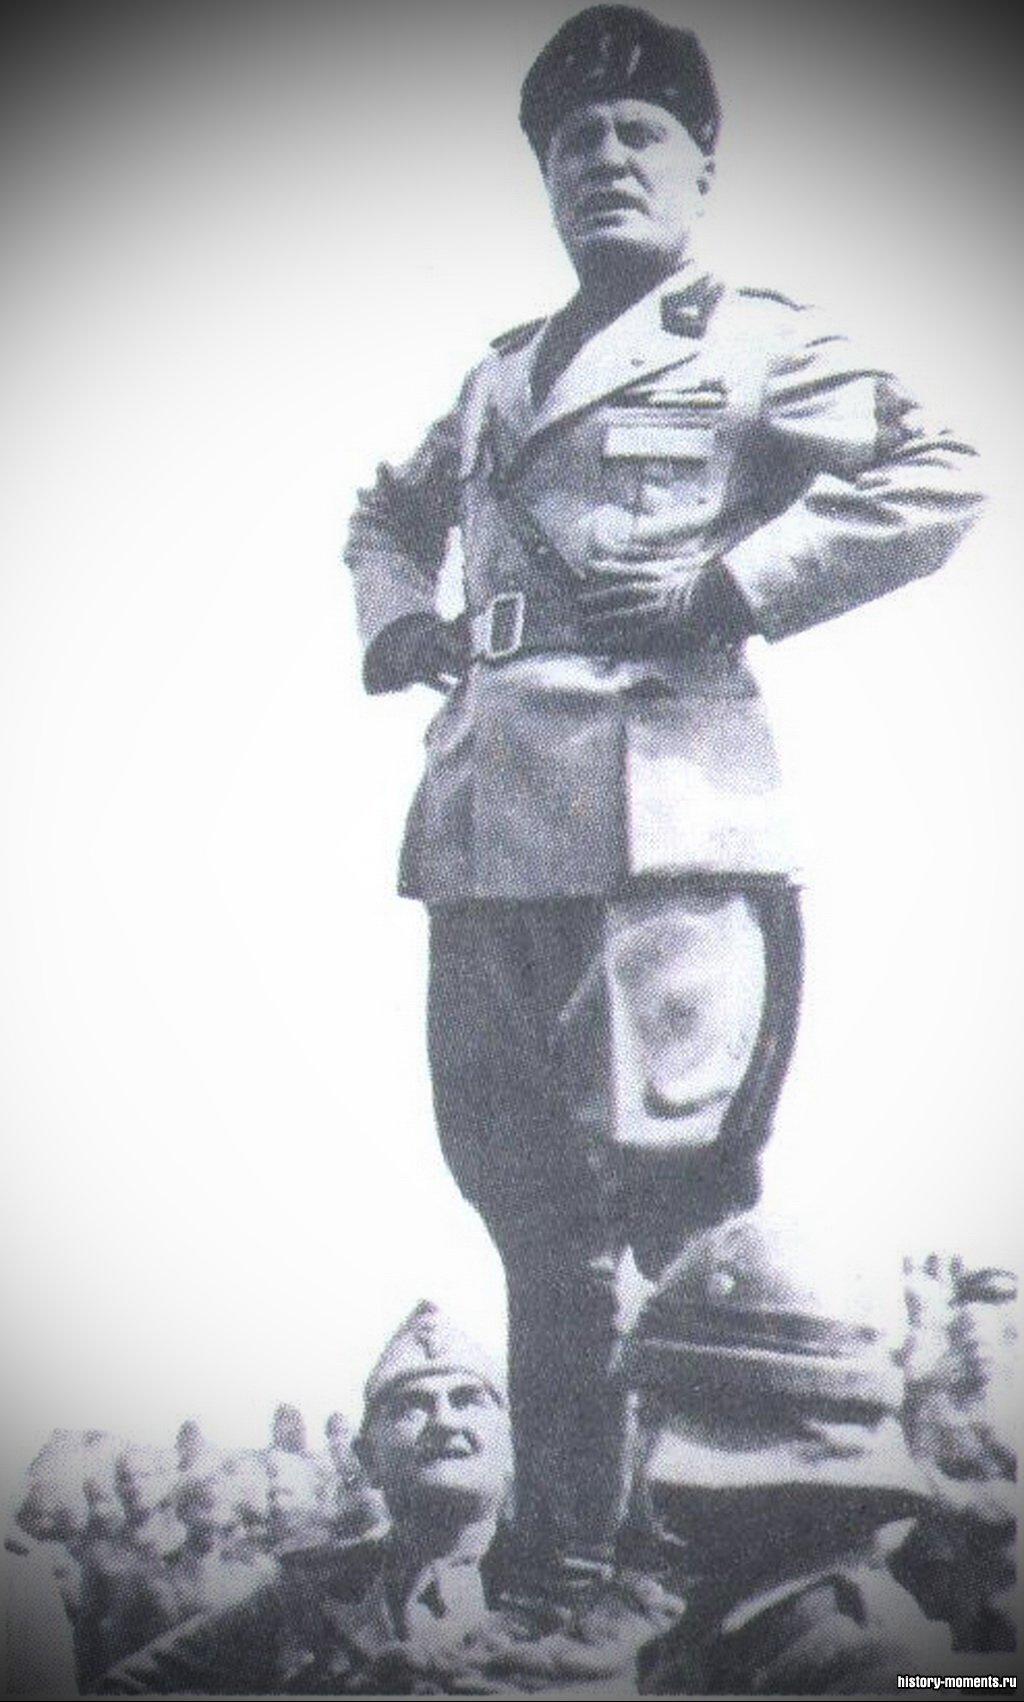 Бенито Муссолини пришел к власти в Италии в 1922 г. При полной поддержке фашистской партии он правил страной более 20 лет.